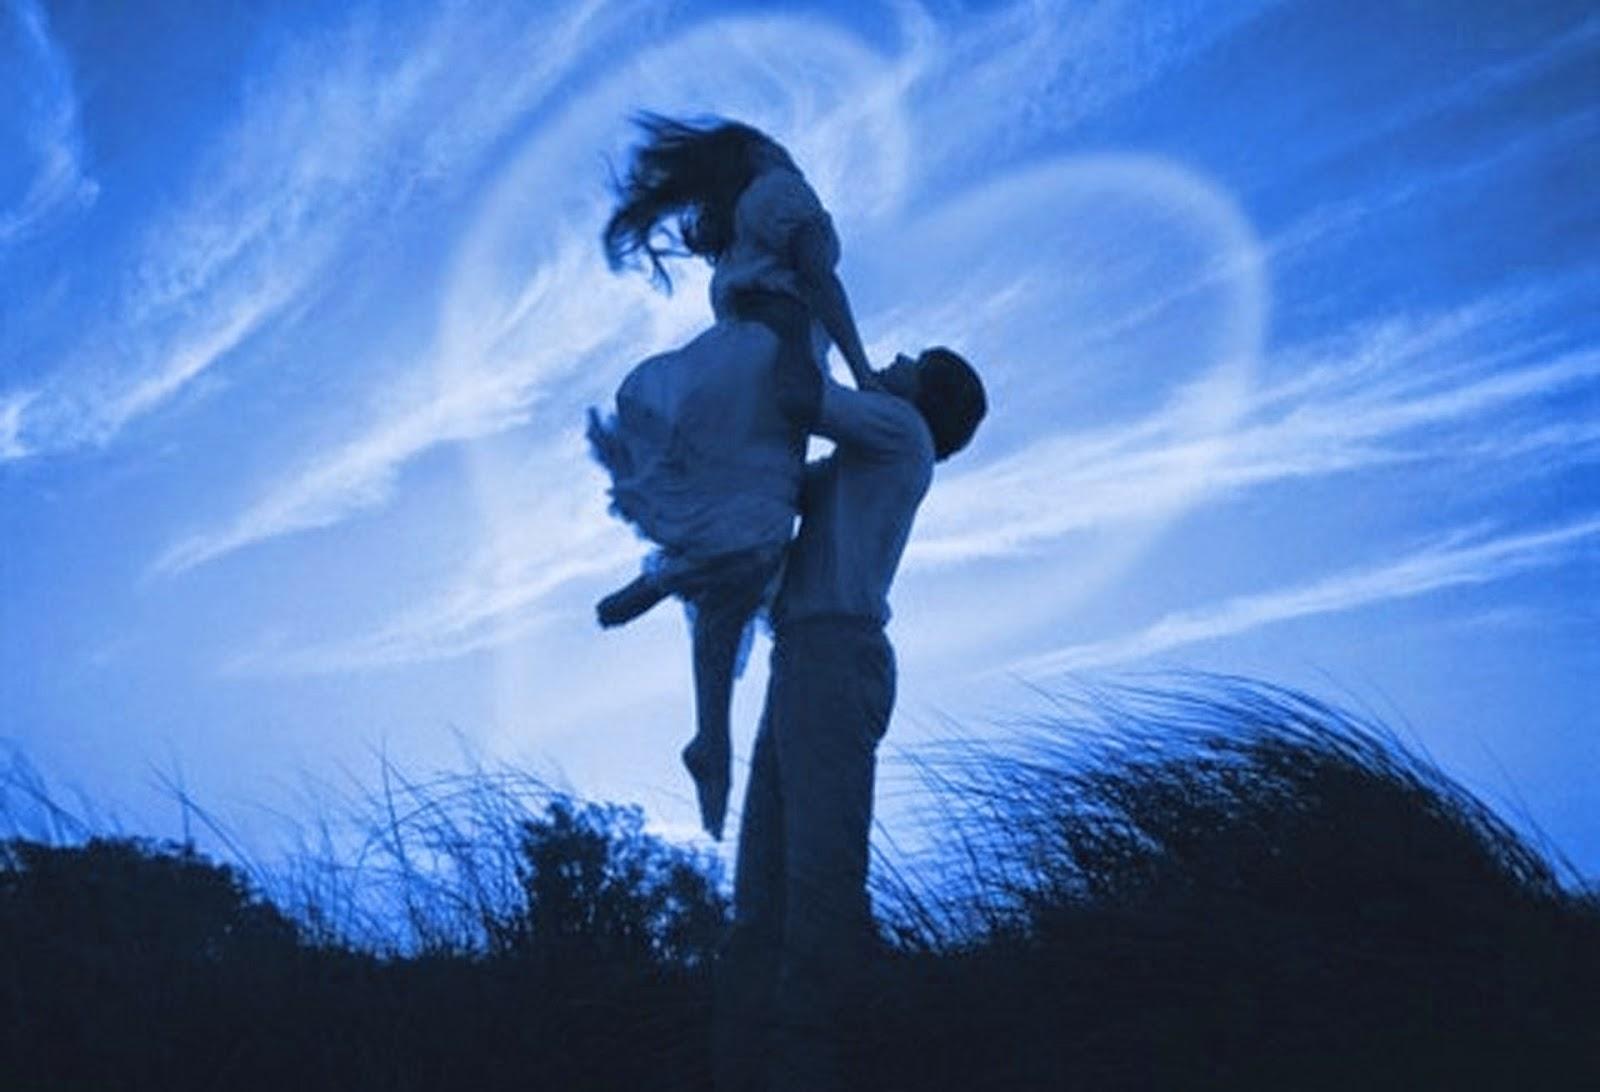 Frases de amor, vida, sorpresa, mirada, profunda, voz, labios, besar.